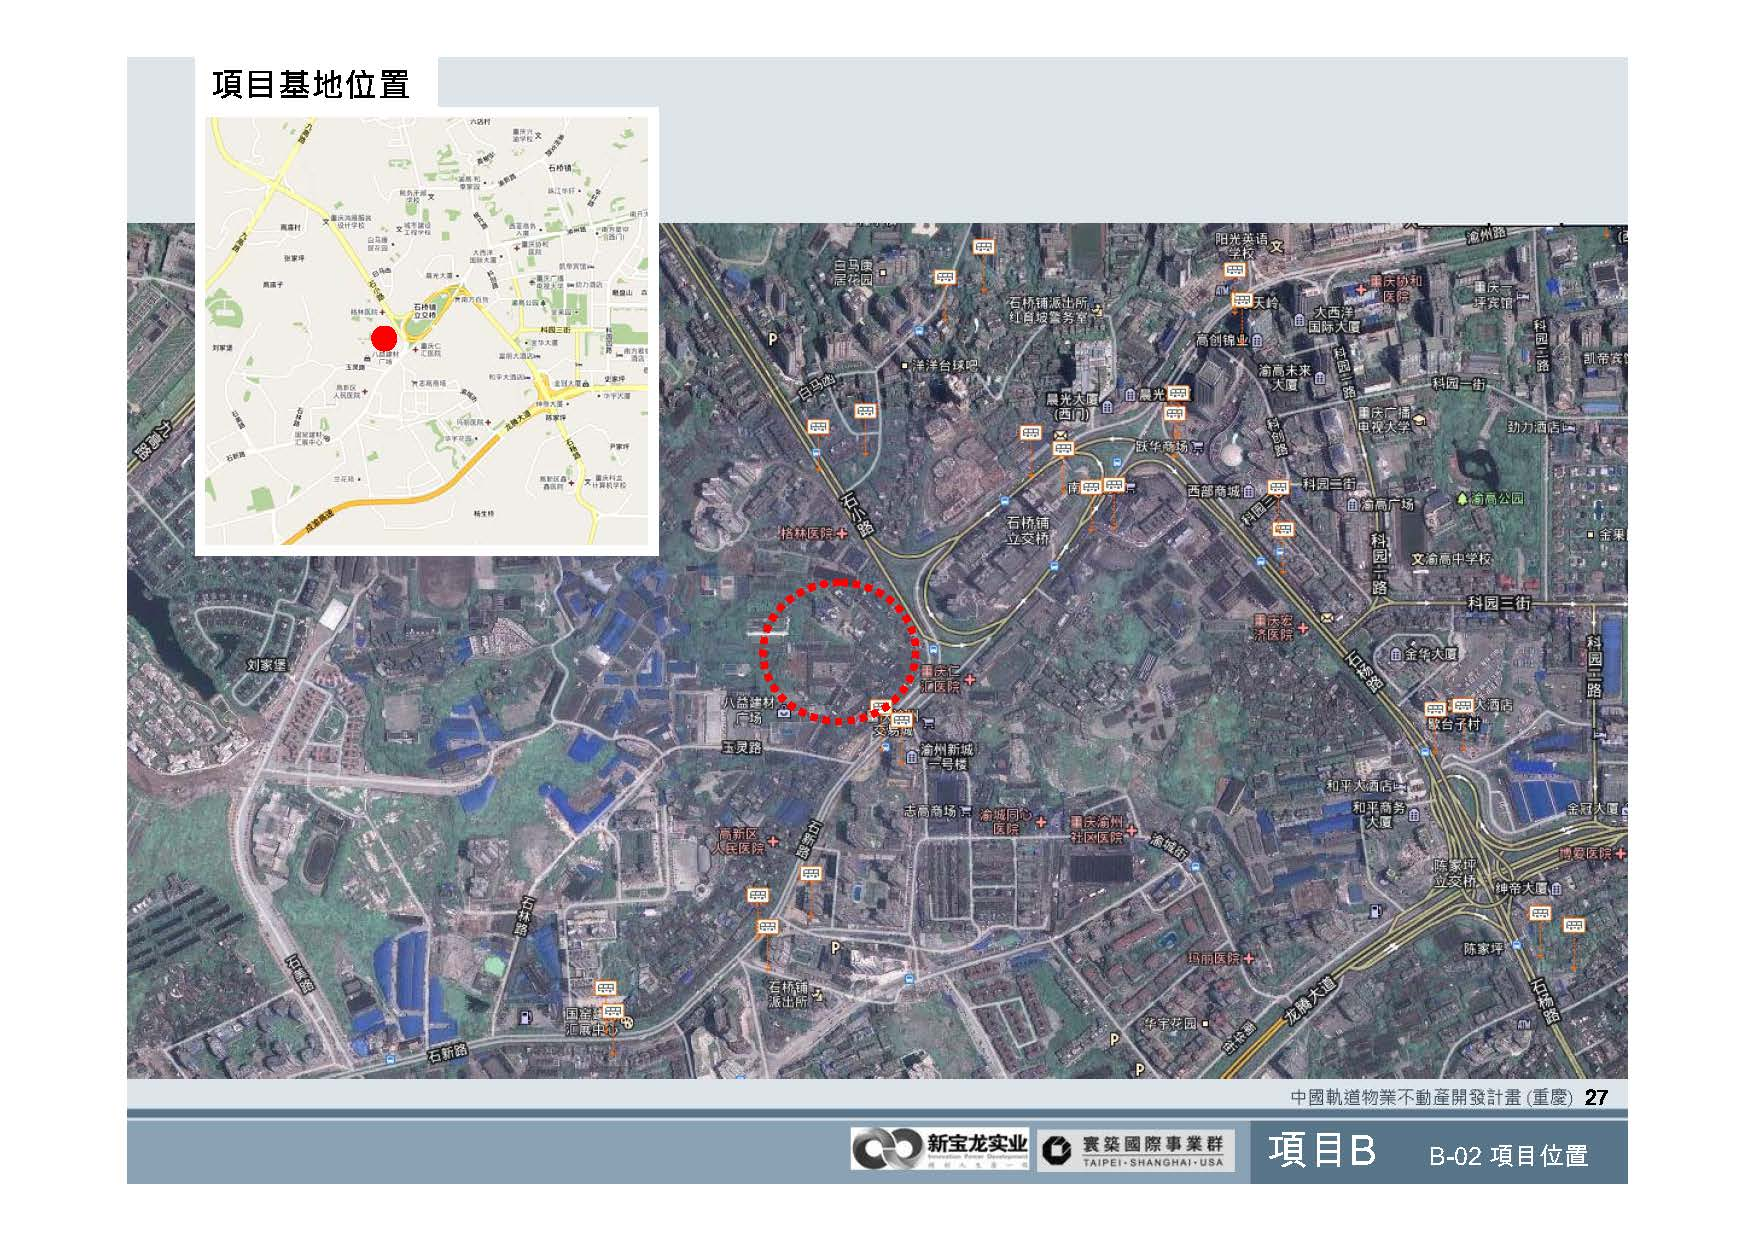 20100812-中國軌道物業不動產開發計畫(重慶)_頁面_28